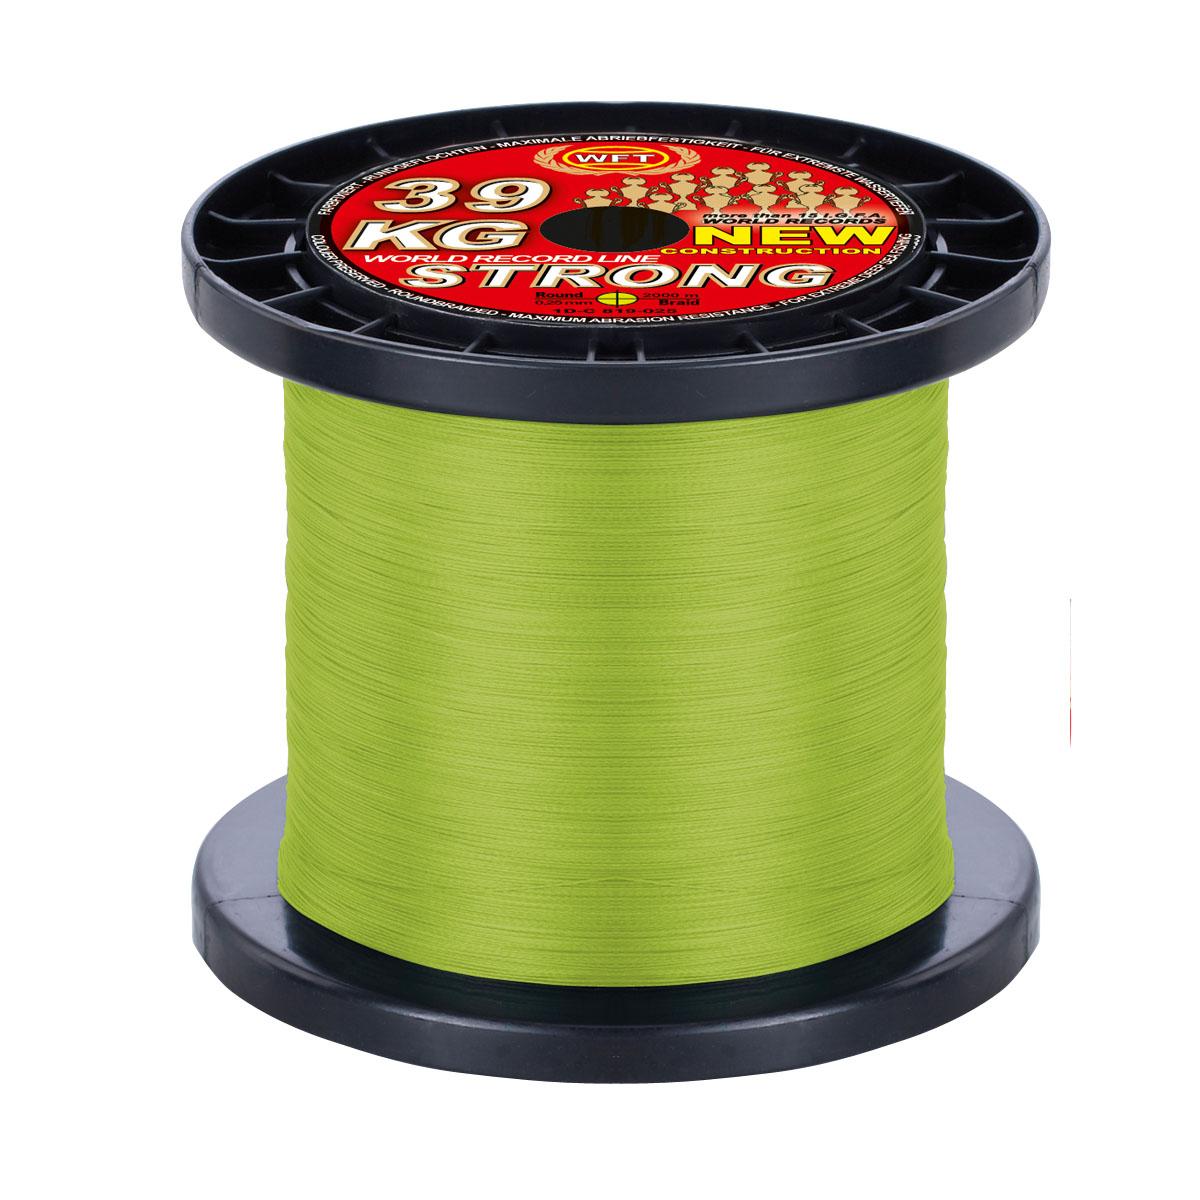 Farbe:Gelb WFT KG STRONG Schnur geflochtene 600m 0,18mm 22kg